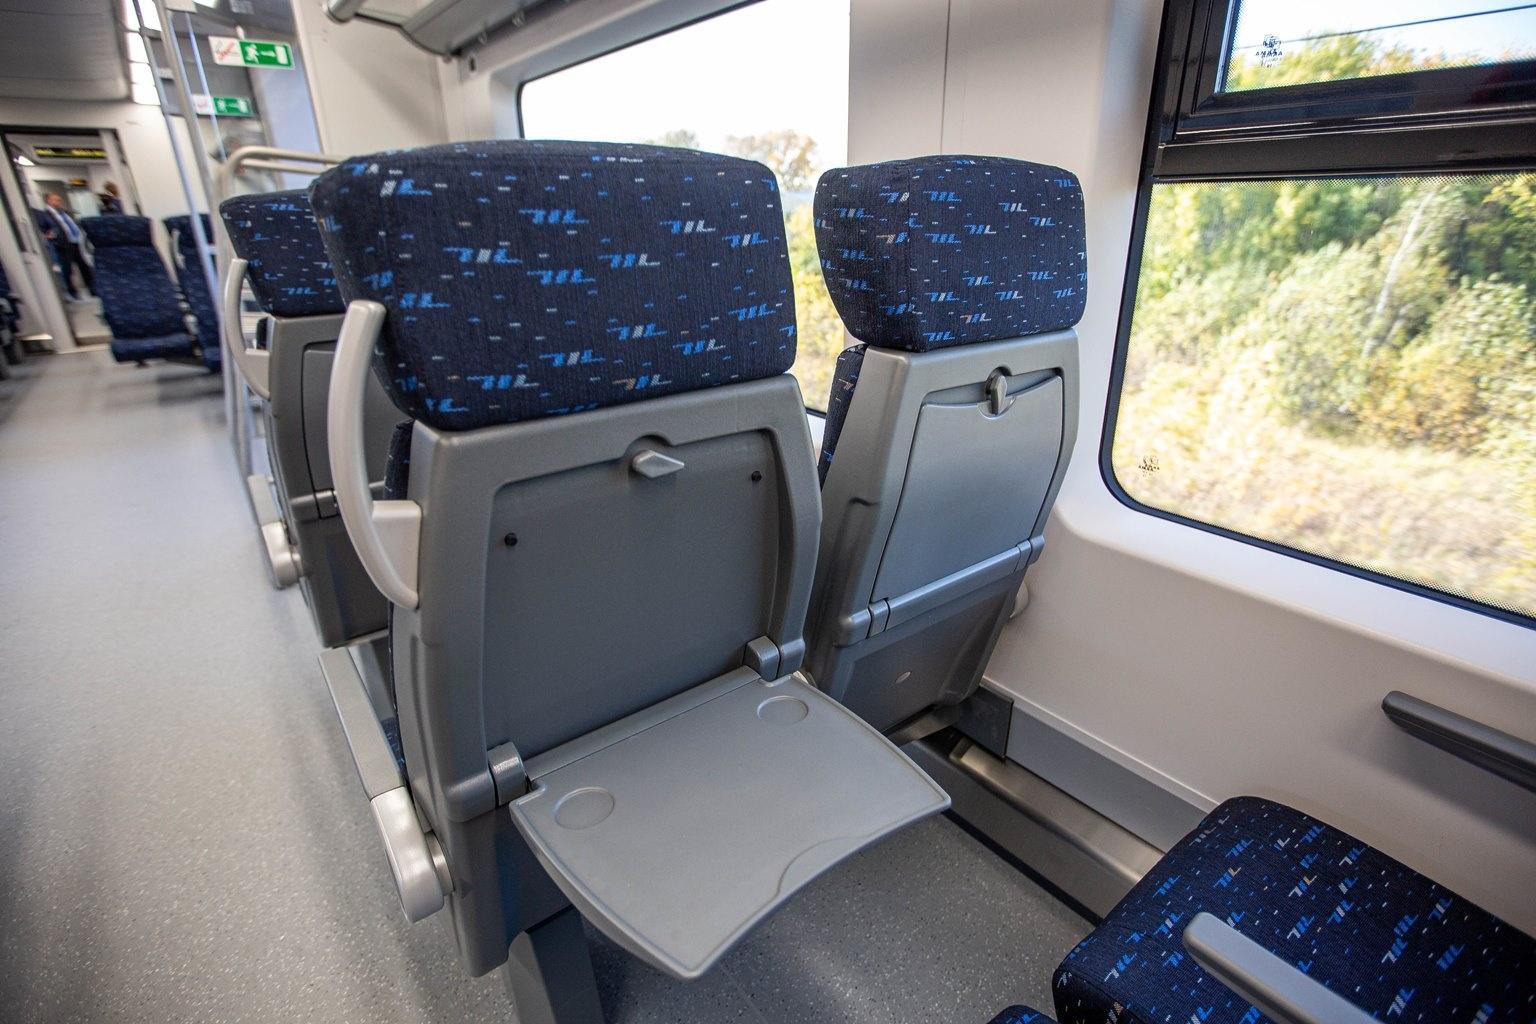 Кресла в «Ласточке» напоминают места в самолёте: у каждого есть свой столик и много места под ногами. Спинки кресел немного откидываются, но не мешают пассажирам сзади — с помощью рычажка под сиденьем сидушку можно подвинуть немного вперёд, тогда как сама спинка остаётся на месте